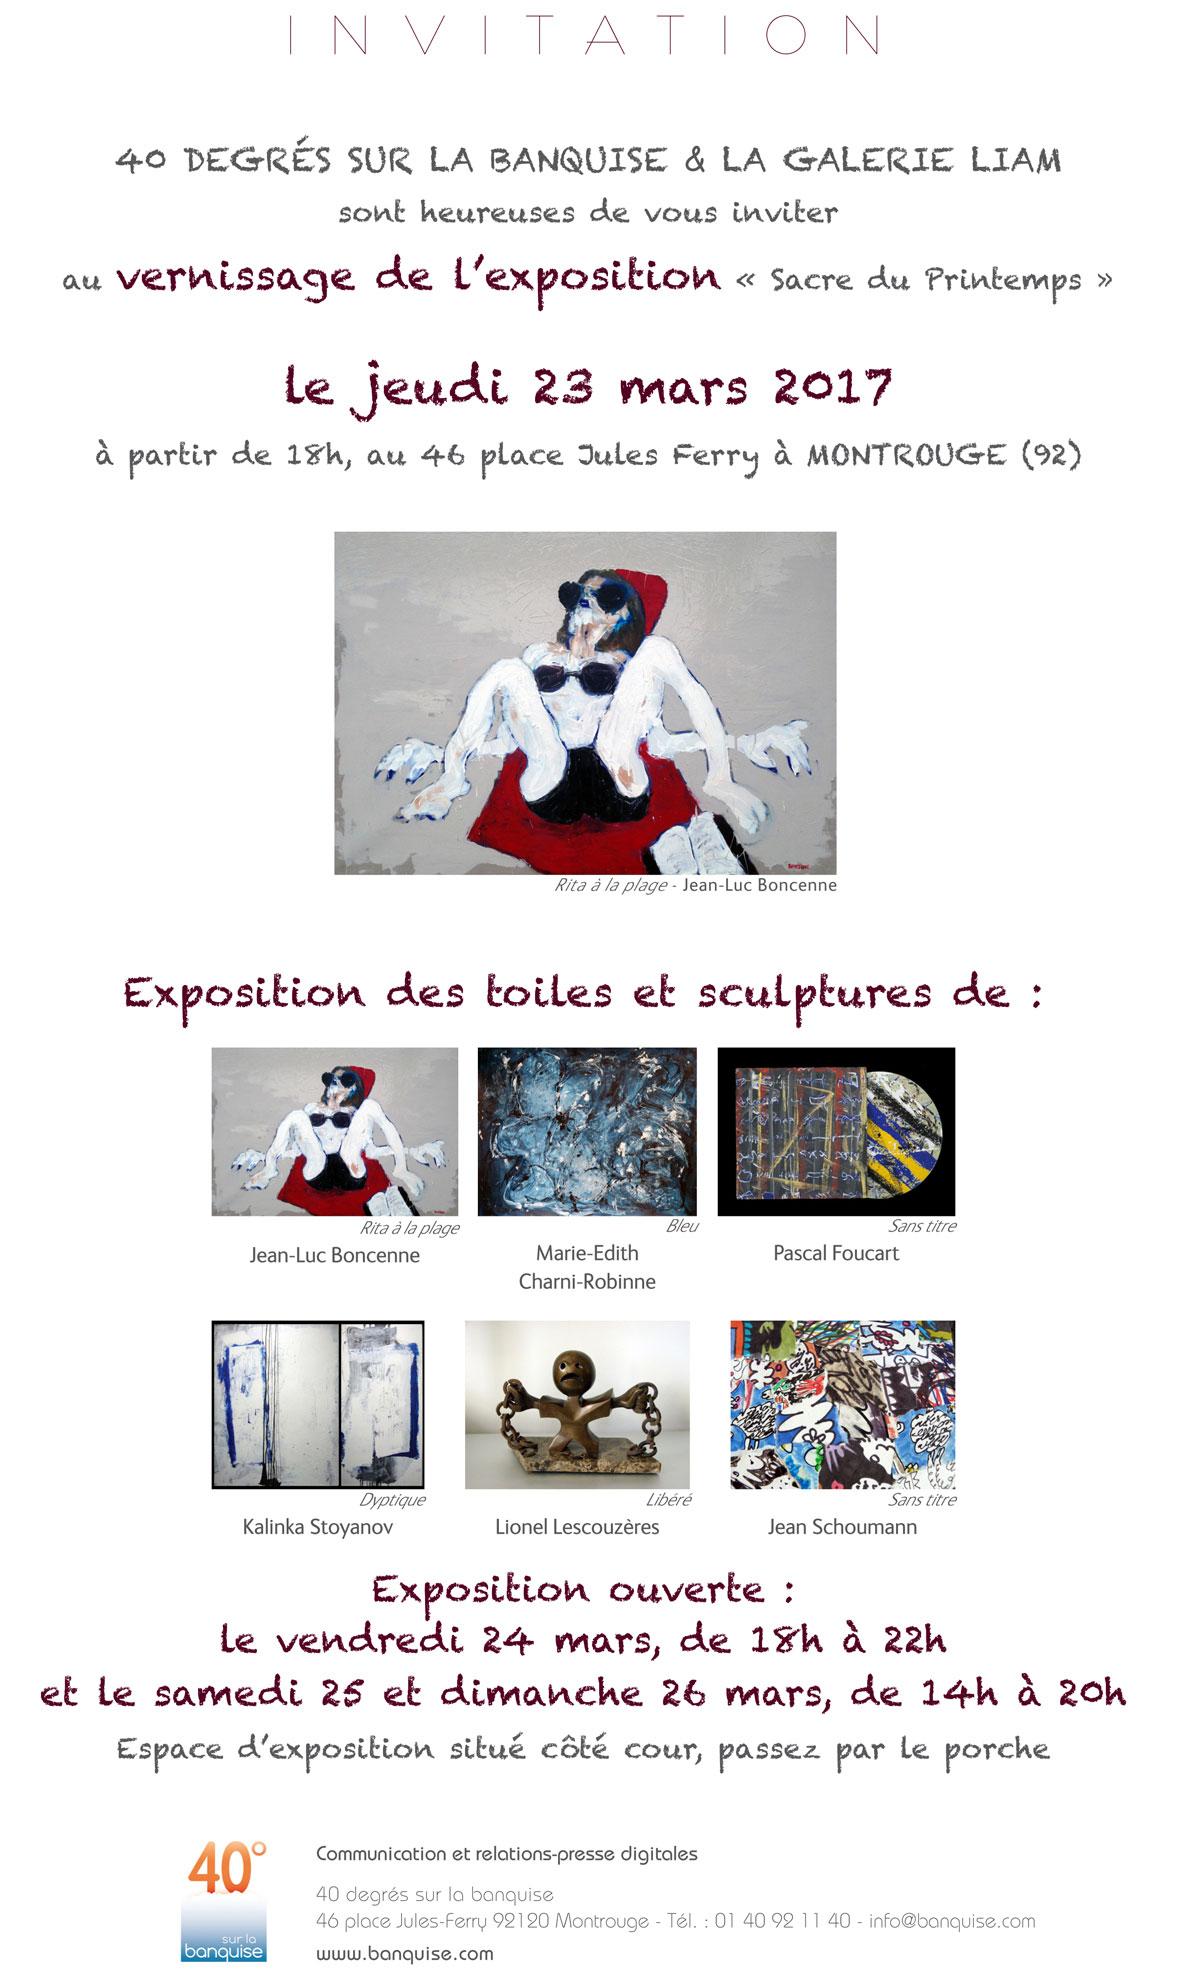 Les soir es saints de glace 40 degr s sur la banquise - Les saintes glaces 2017 ...